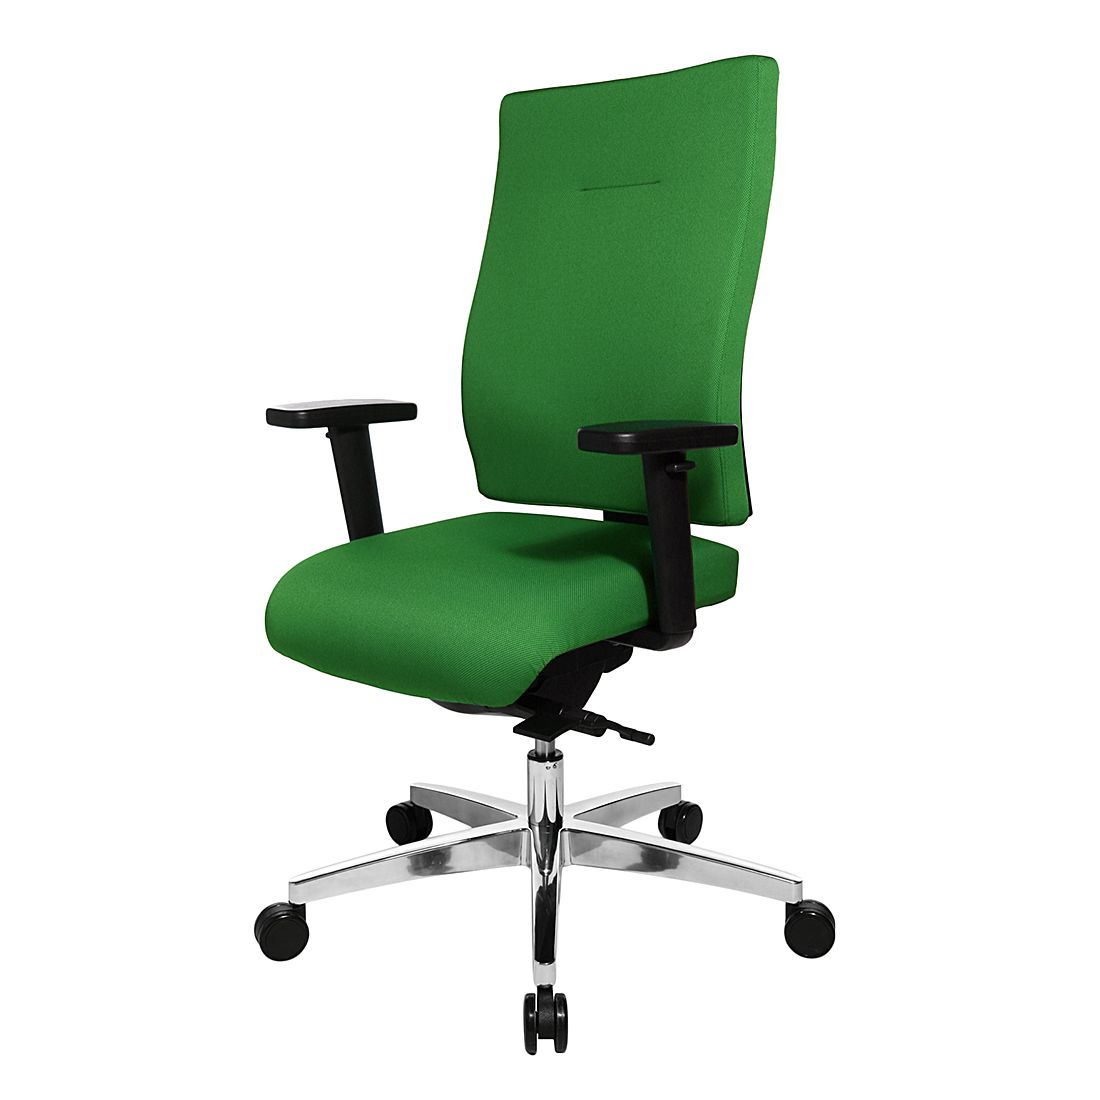 Bürodrehstuhl Profi Star 15 – Grün, Topstar günstig